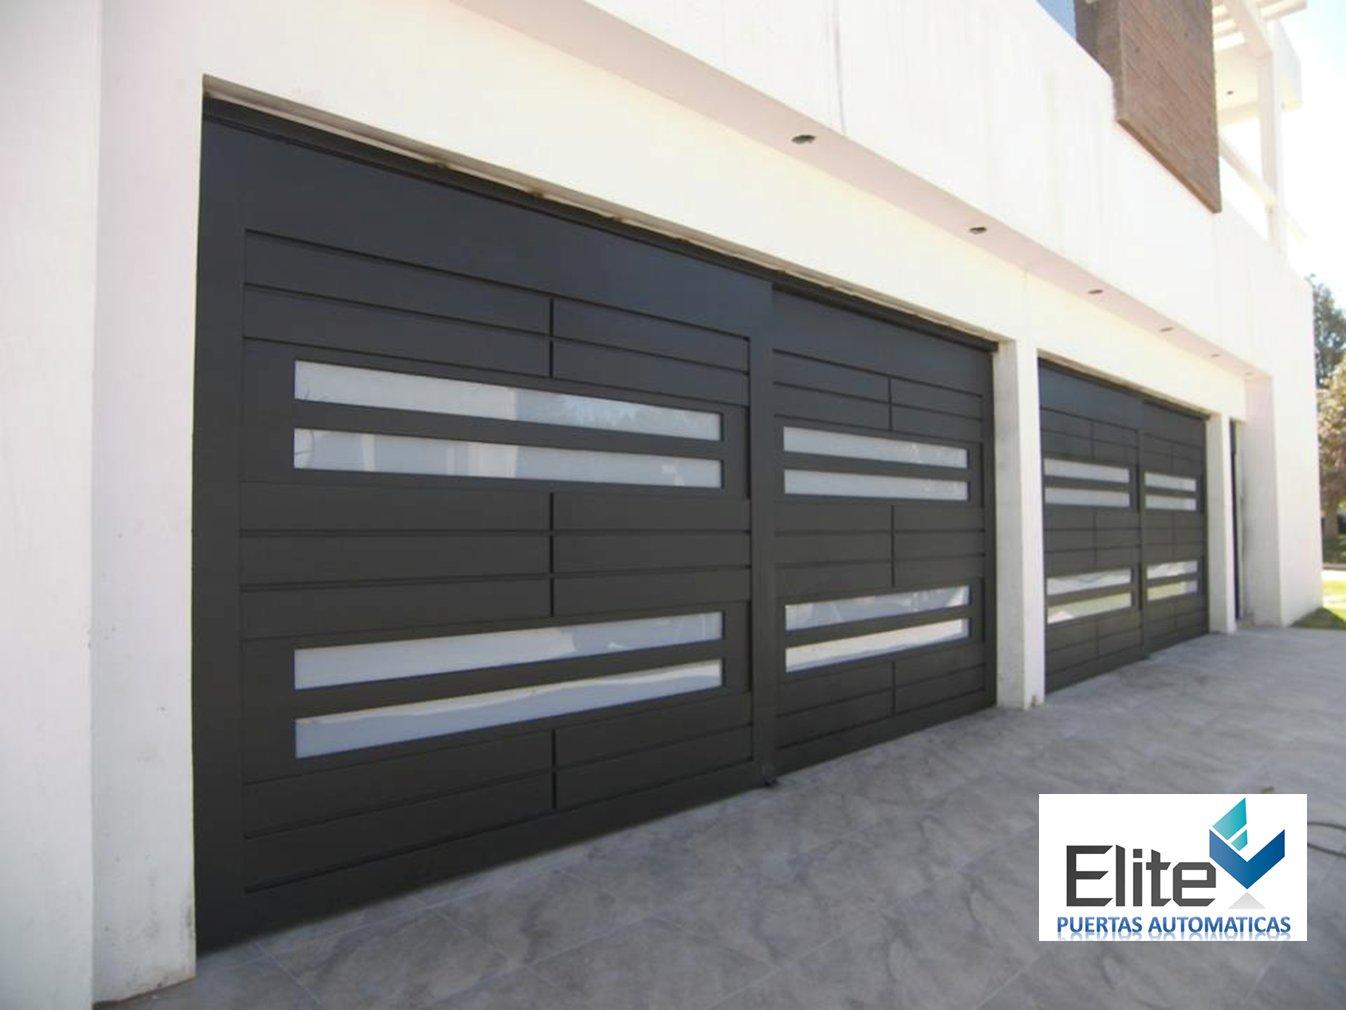 Elite puertas automaticas saltillo for Puertas de cochera automaticas